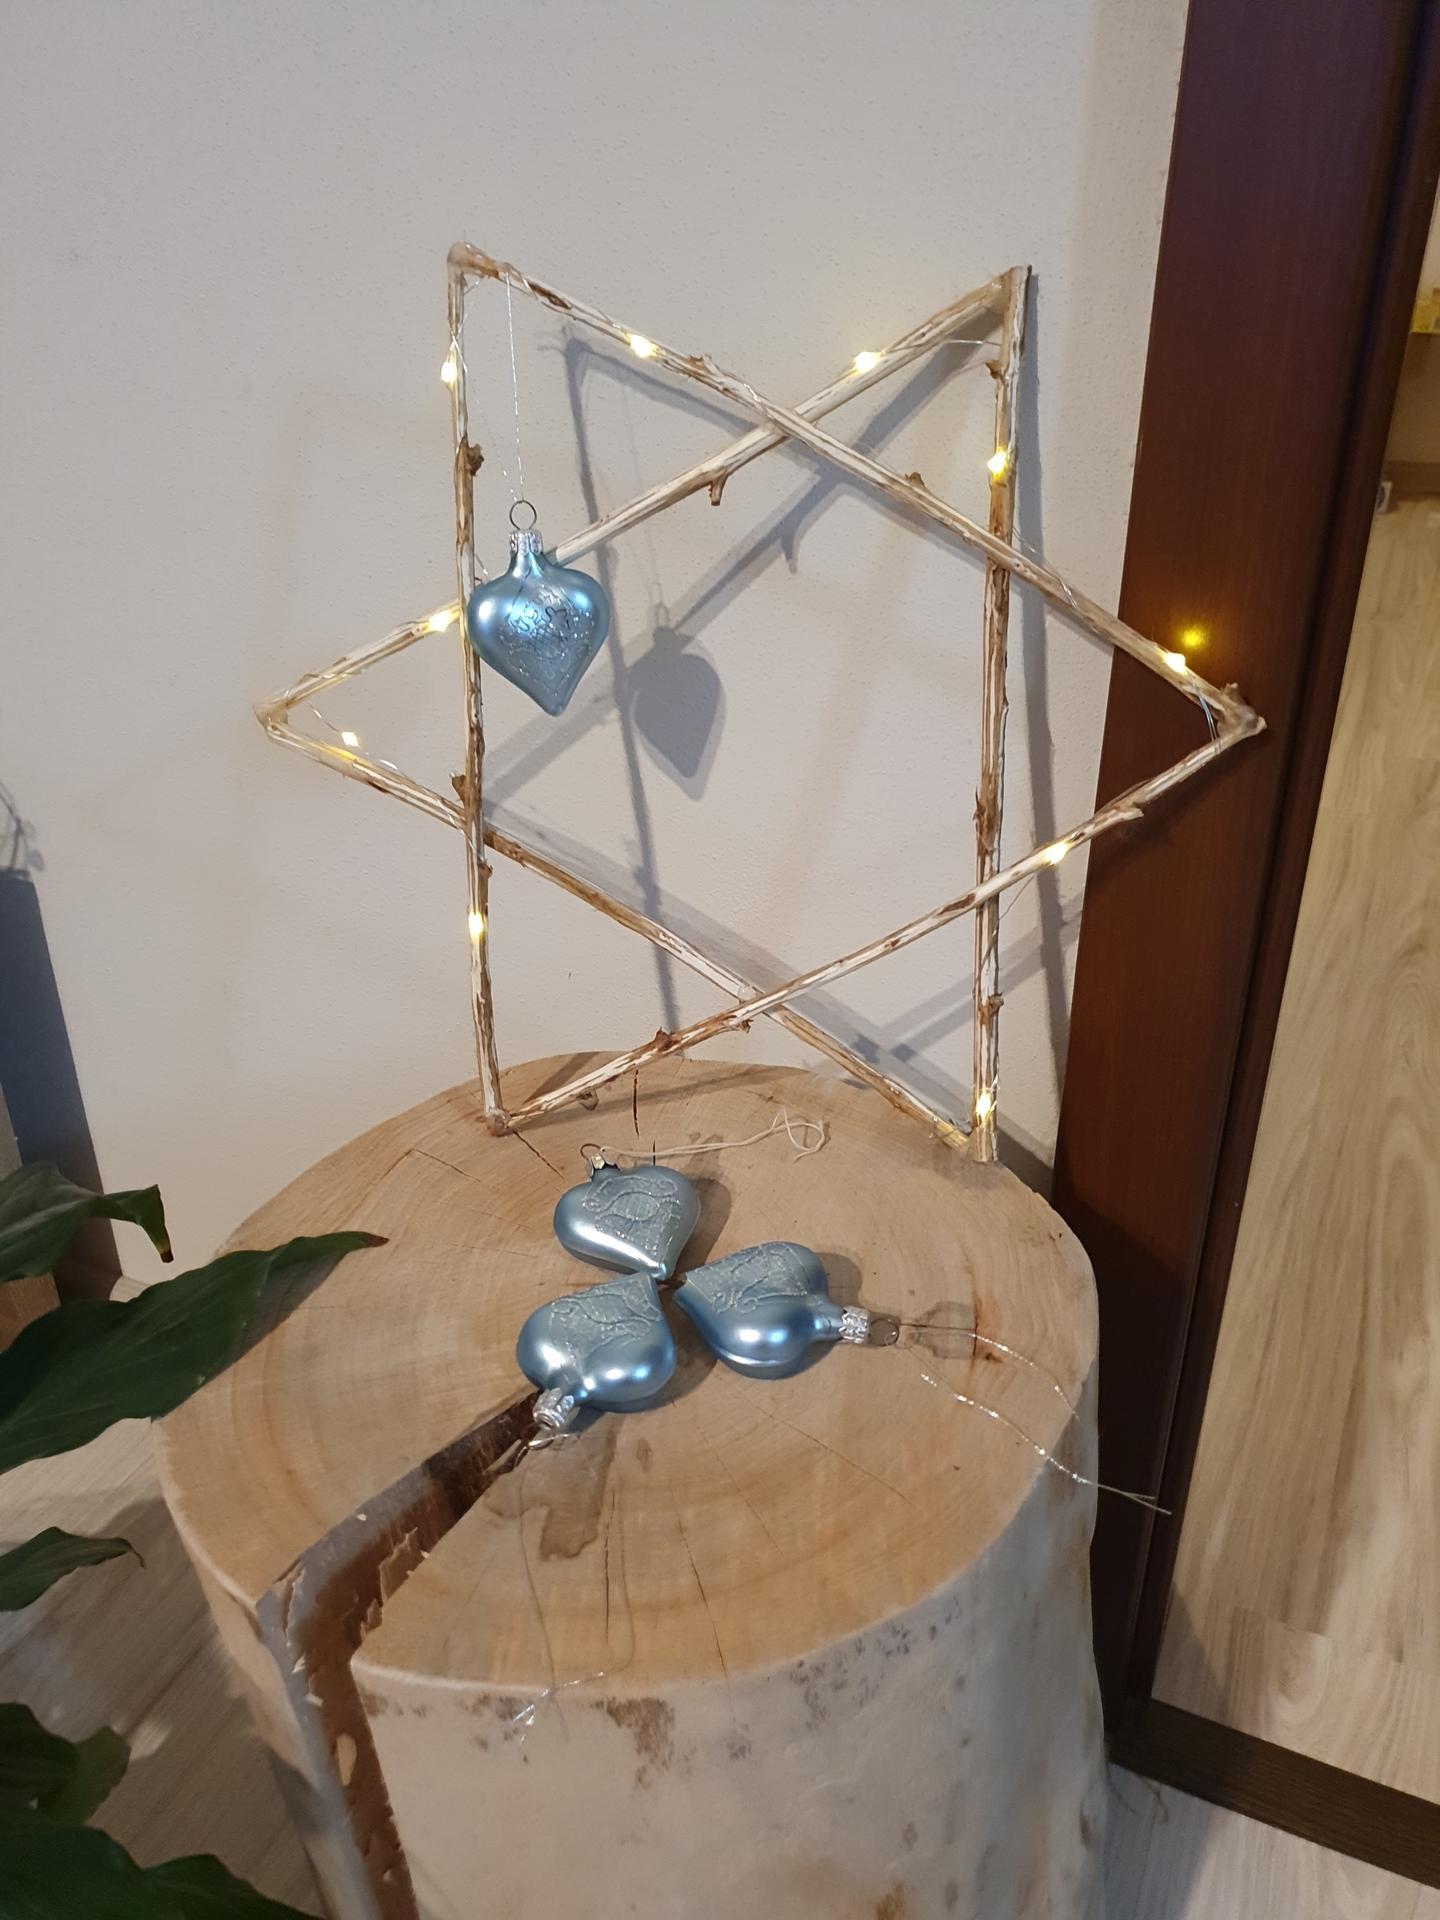 Vianočné dekorácie/Vianočná inšpirácia - Obrázok č. 35